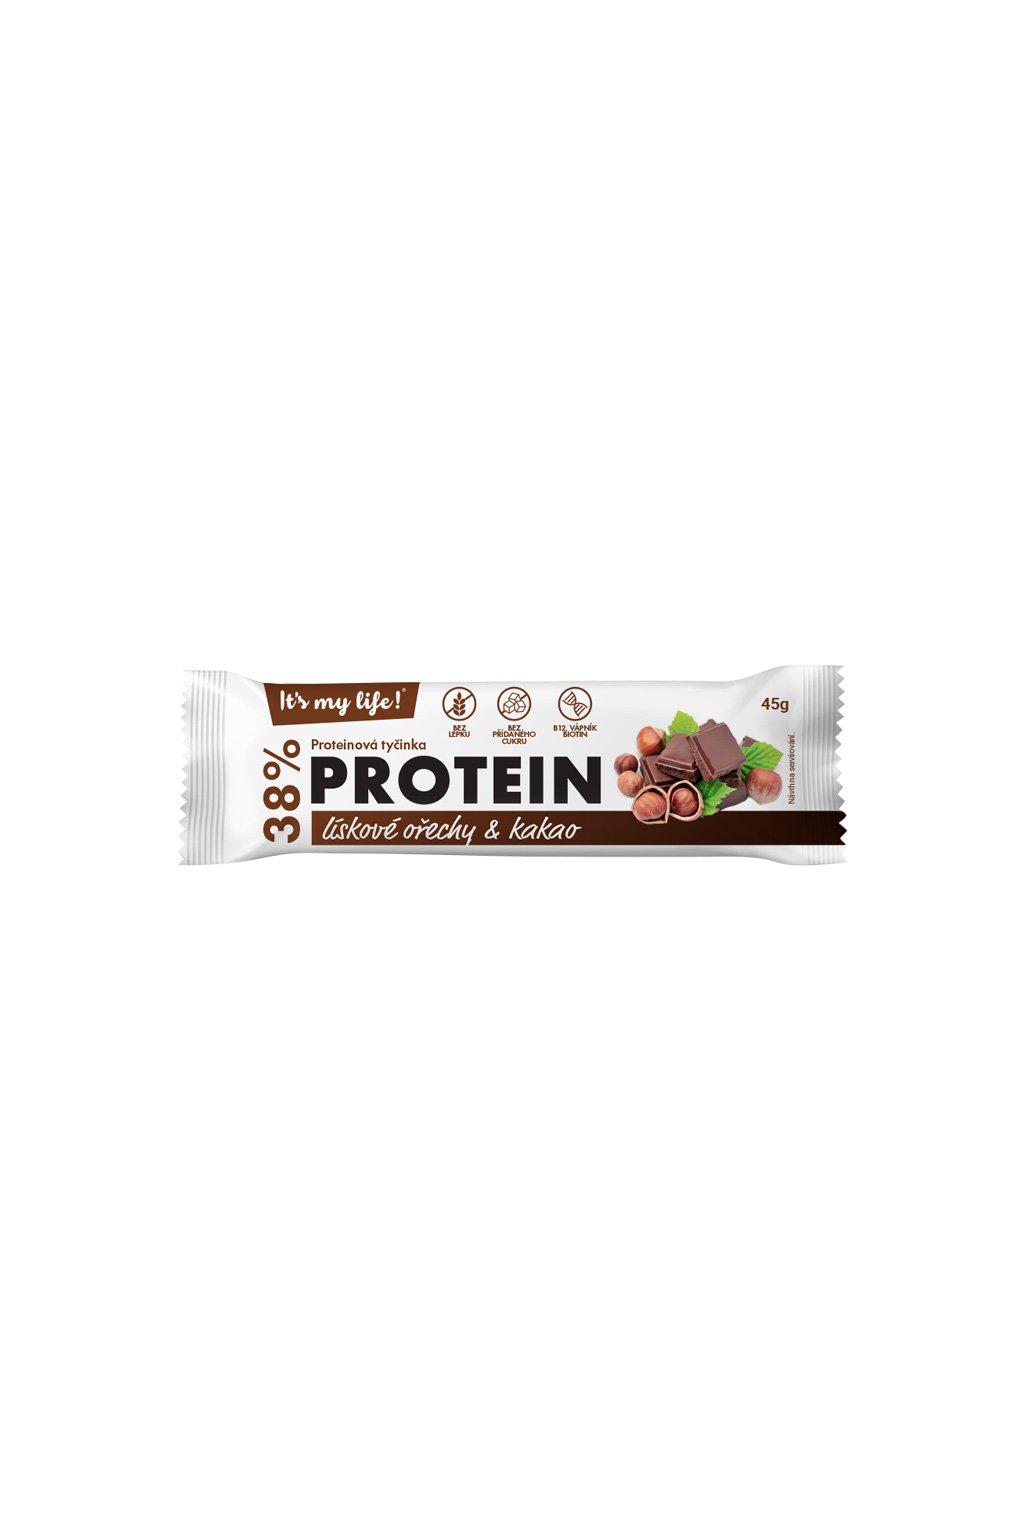 Proteínová tyčinka Lieskové orechy a Kakao, 45g